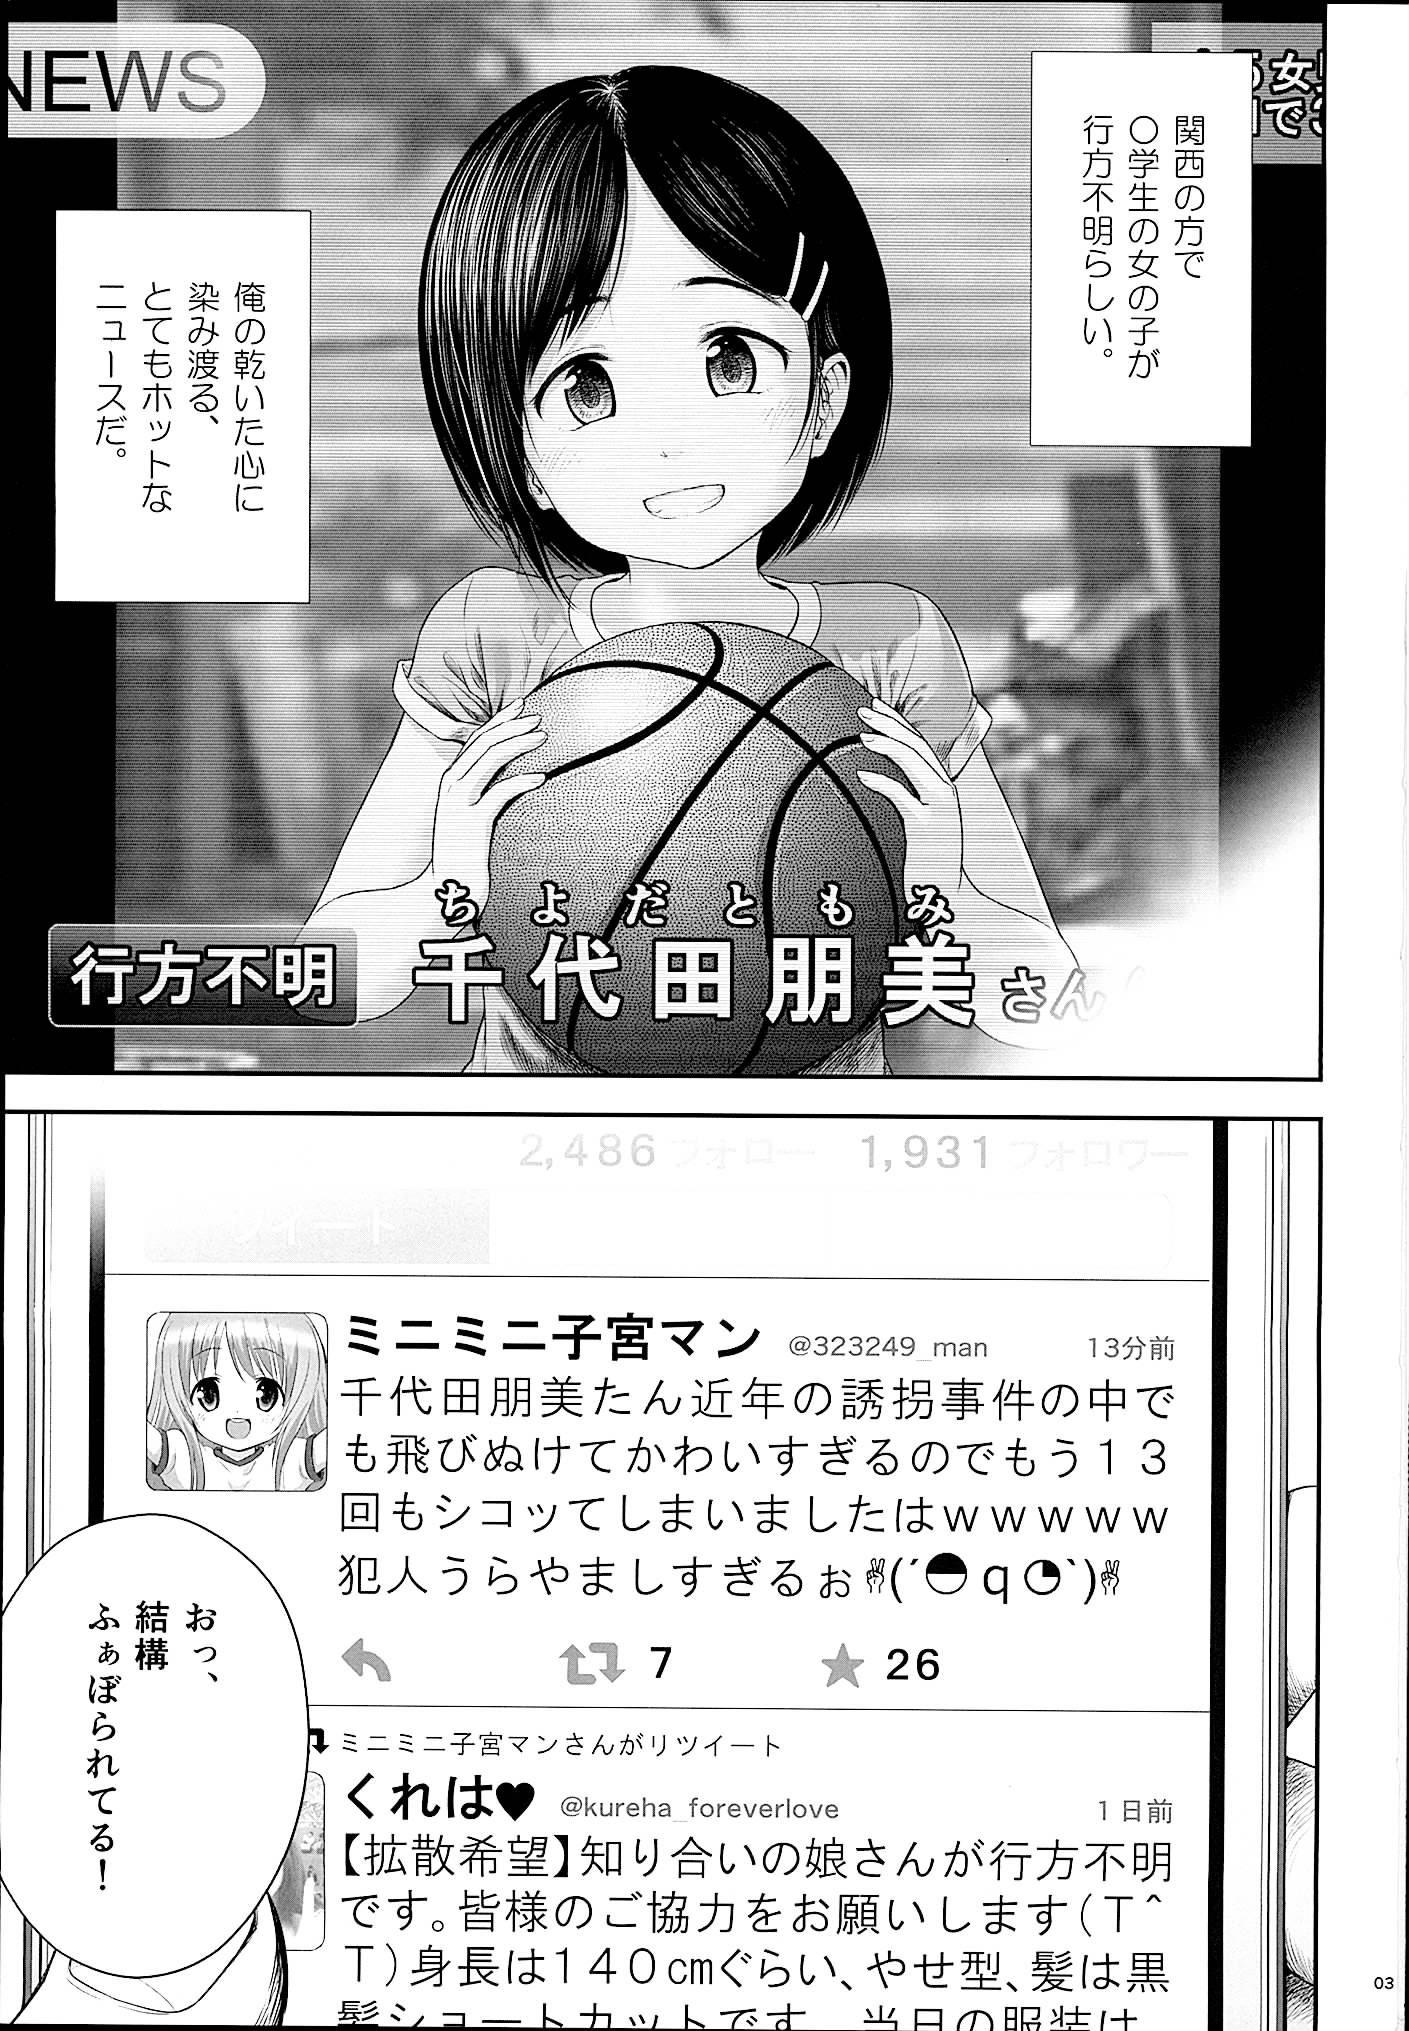 エロ クジラックス 8uVOh6l.jpg